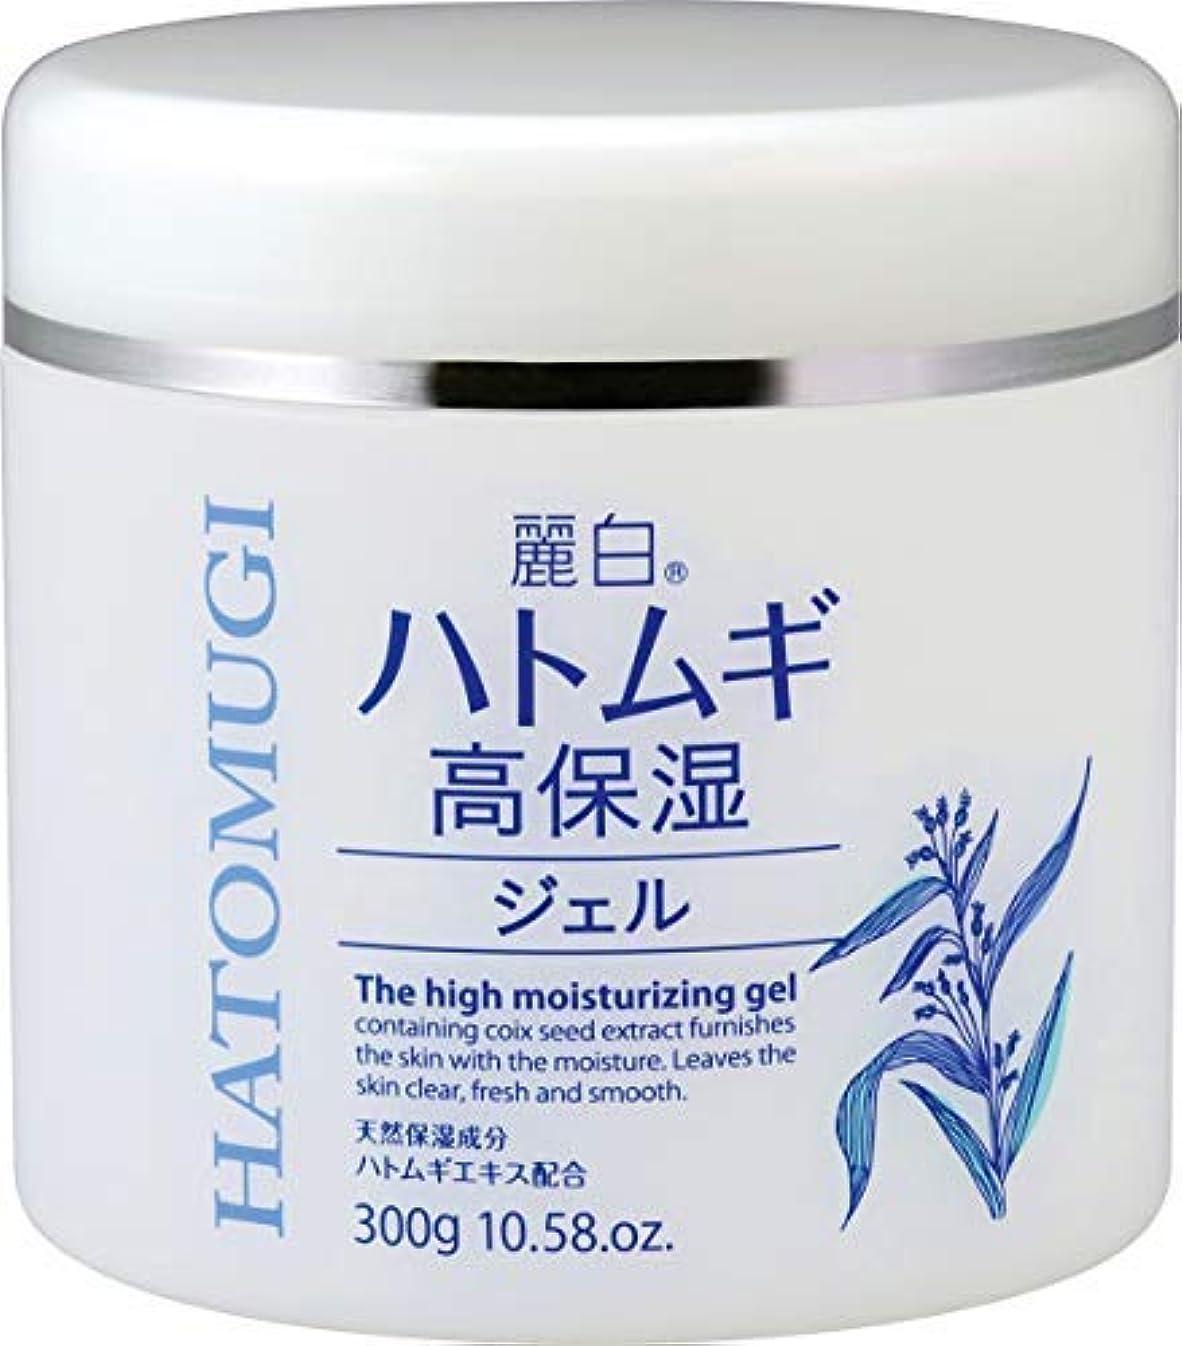 タイプ文化ポータル麗白 ハトムギ 高保湿ジェル × 4個セット